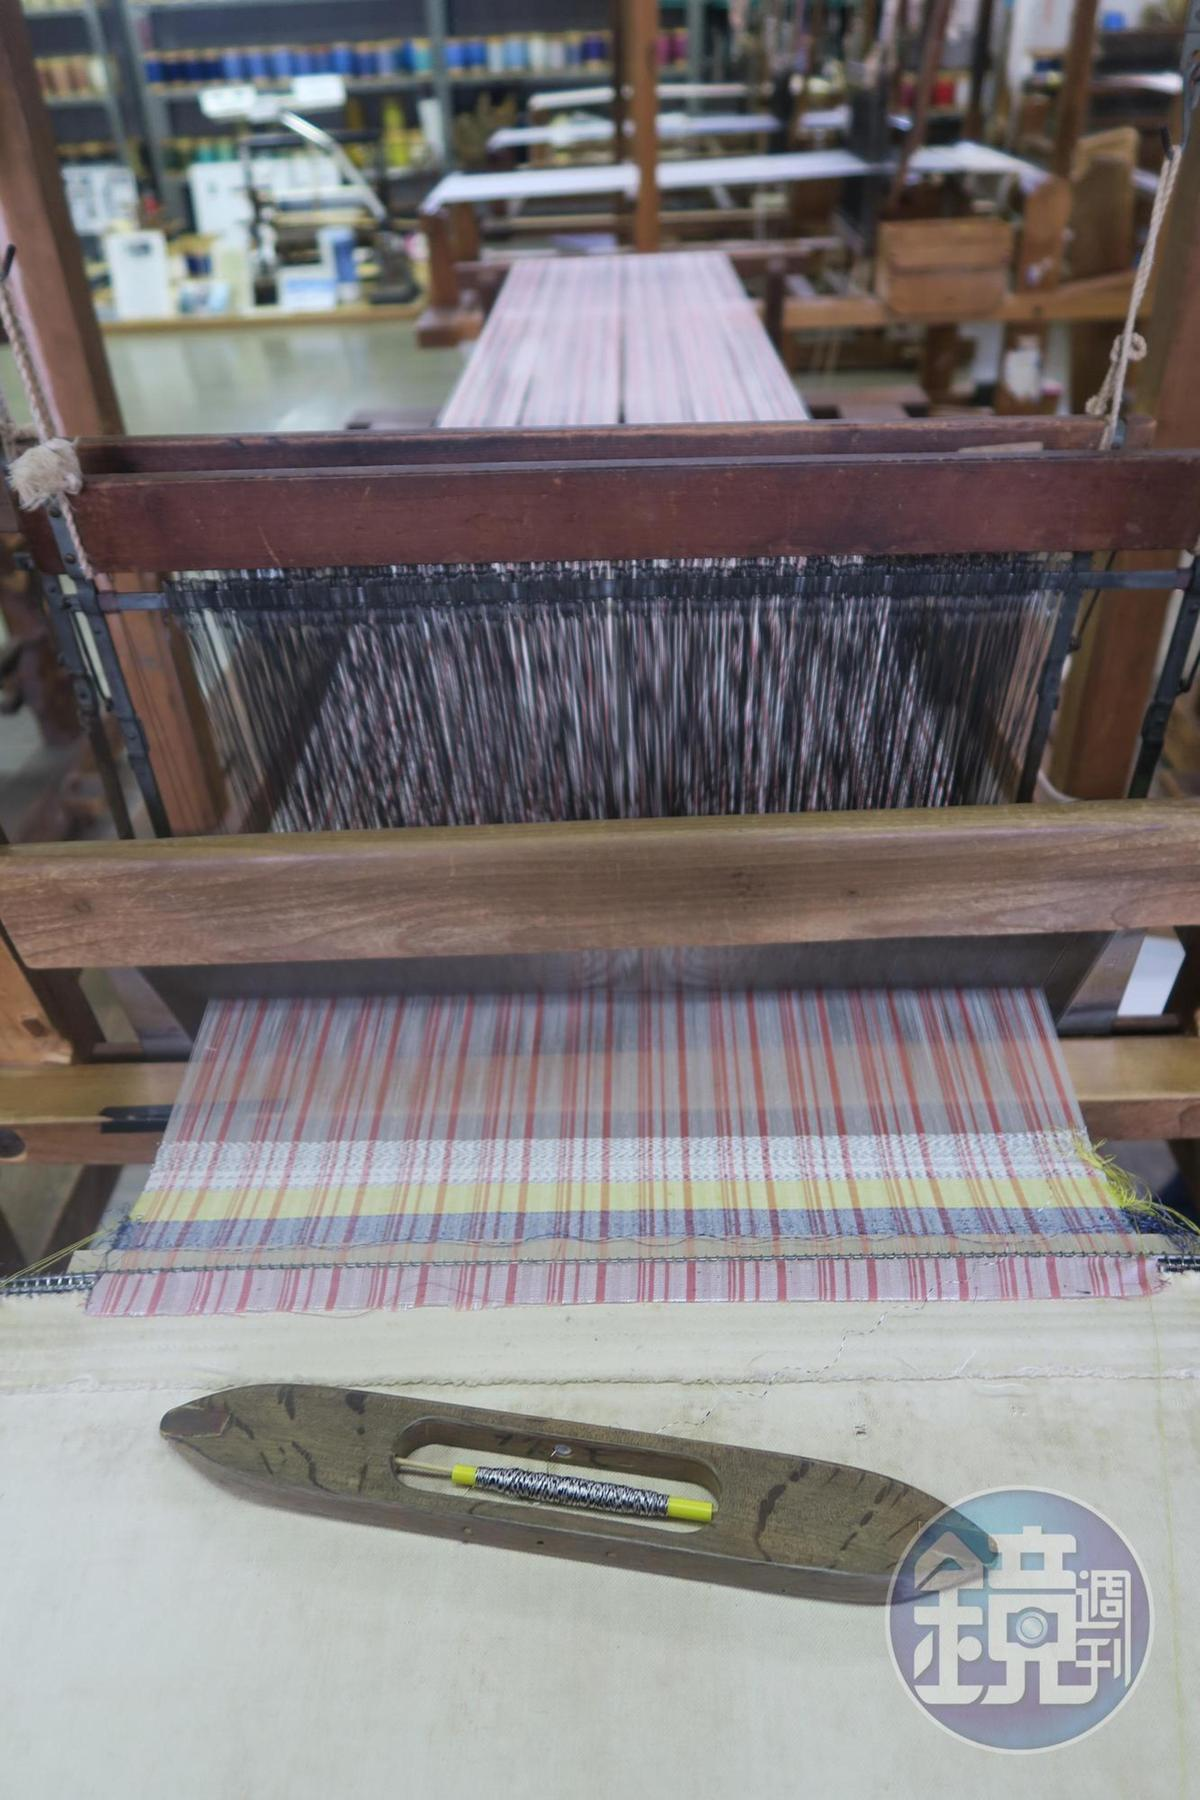 最後完成白、黃、藍3色,大約3公分的織布作品,可剪下來帶回家保存。